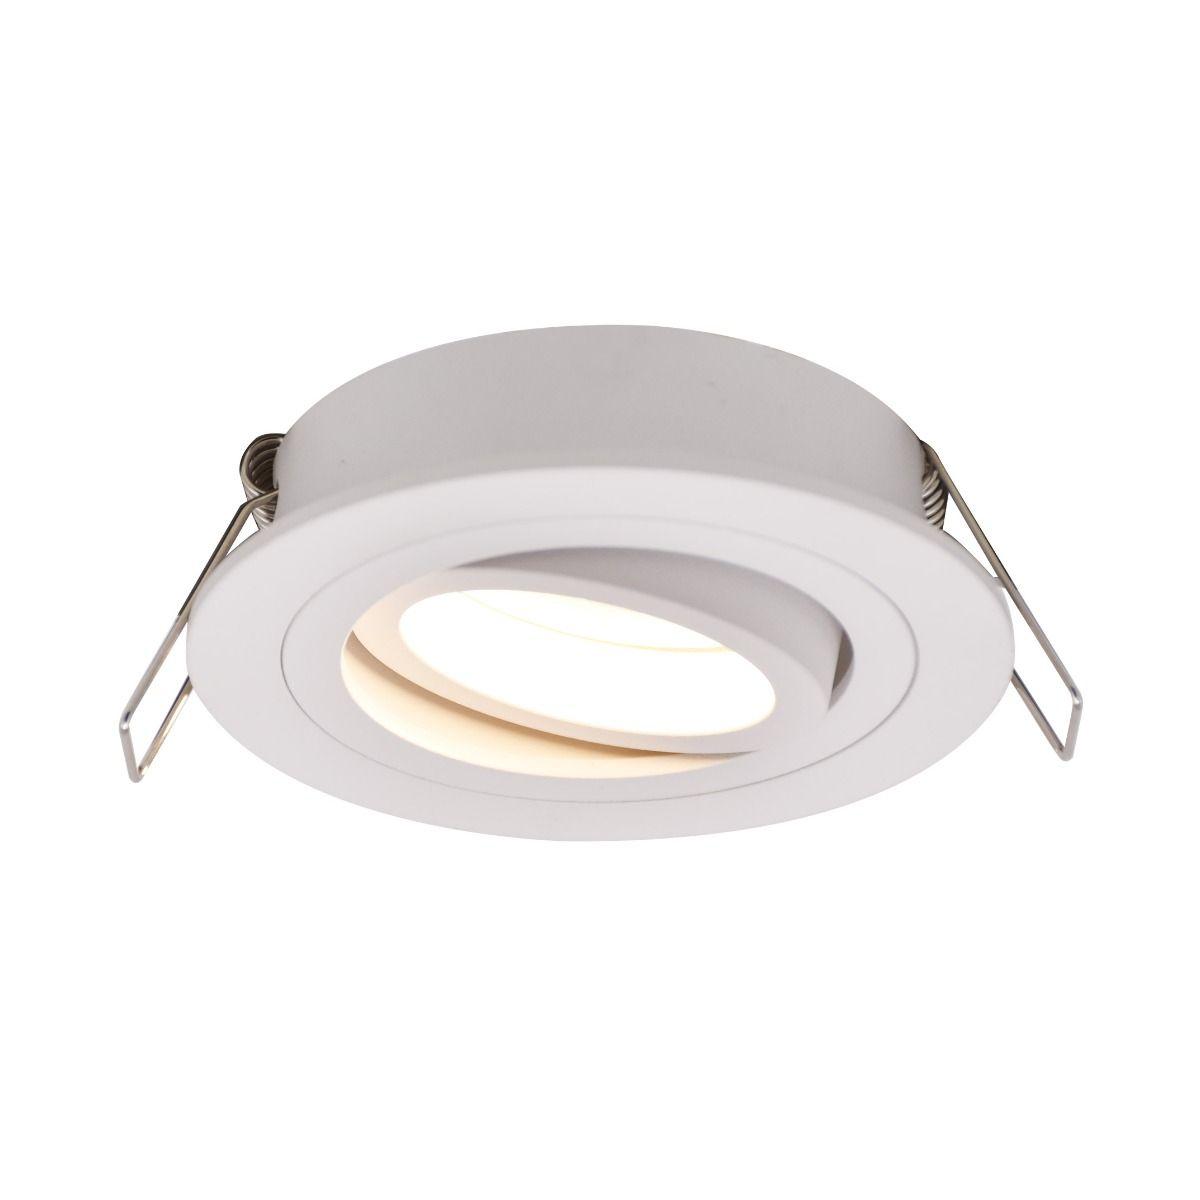 Спот лампа Rondoo, бяла